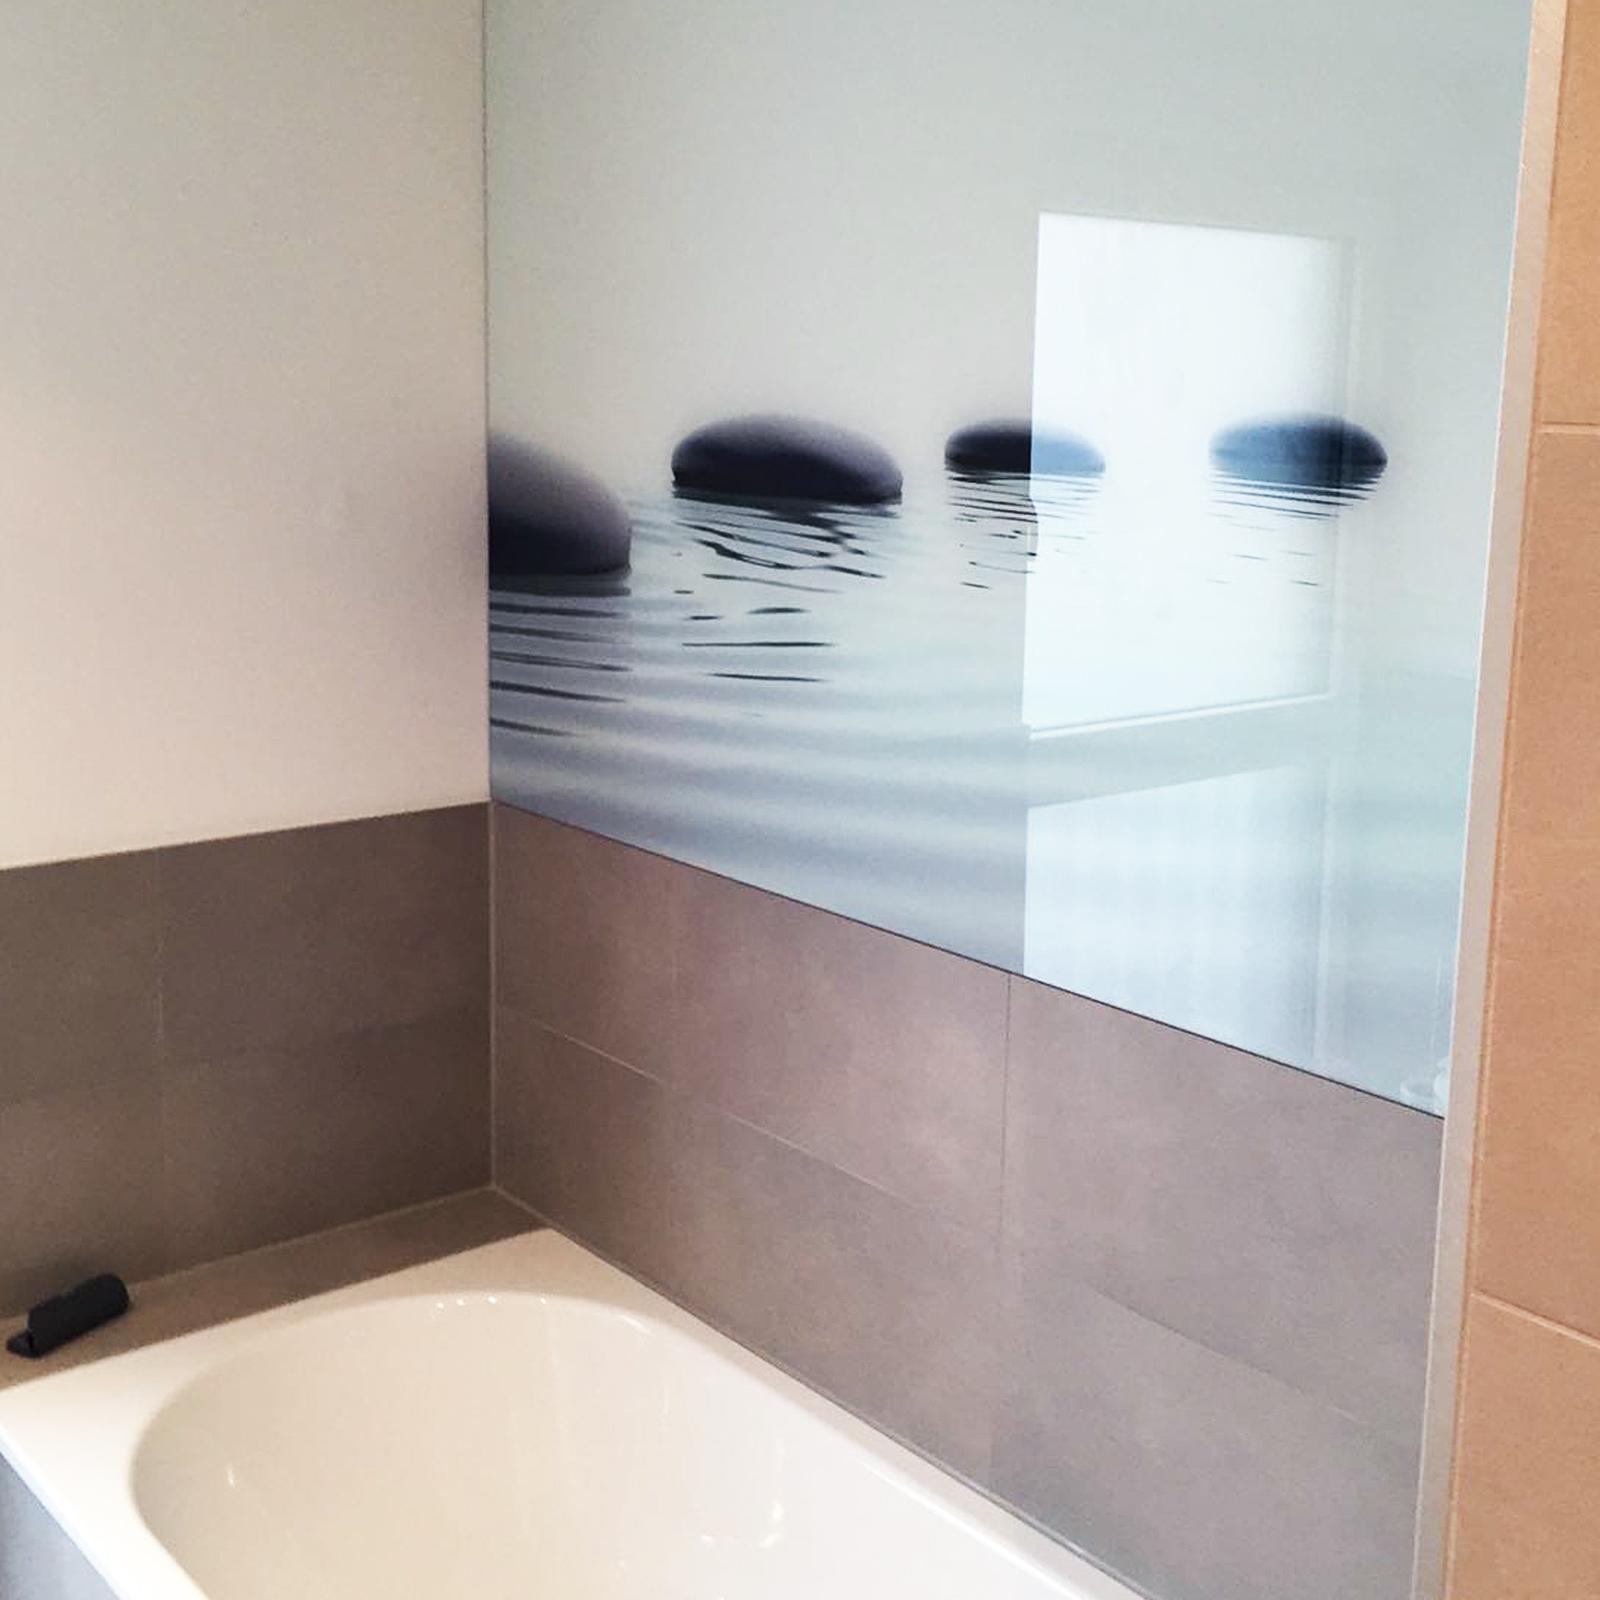 Glasrückwand im Badezimmer mit rückseitigem Siebdruck